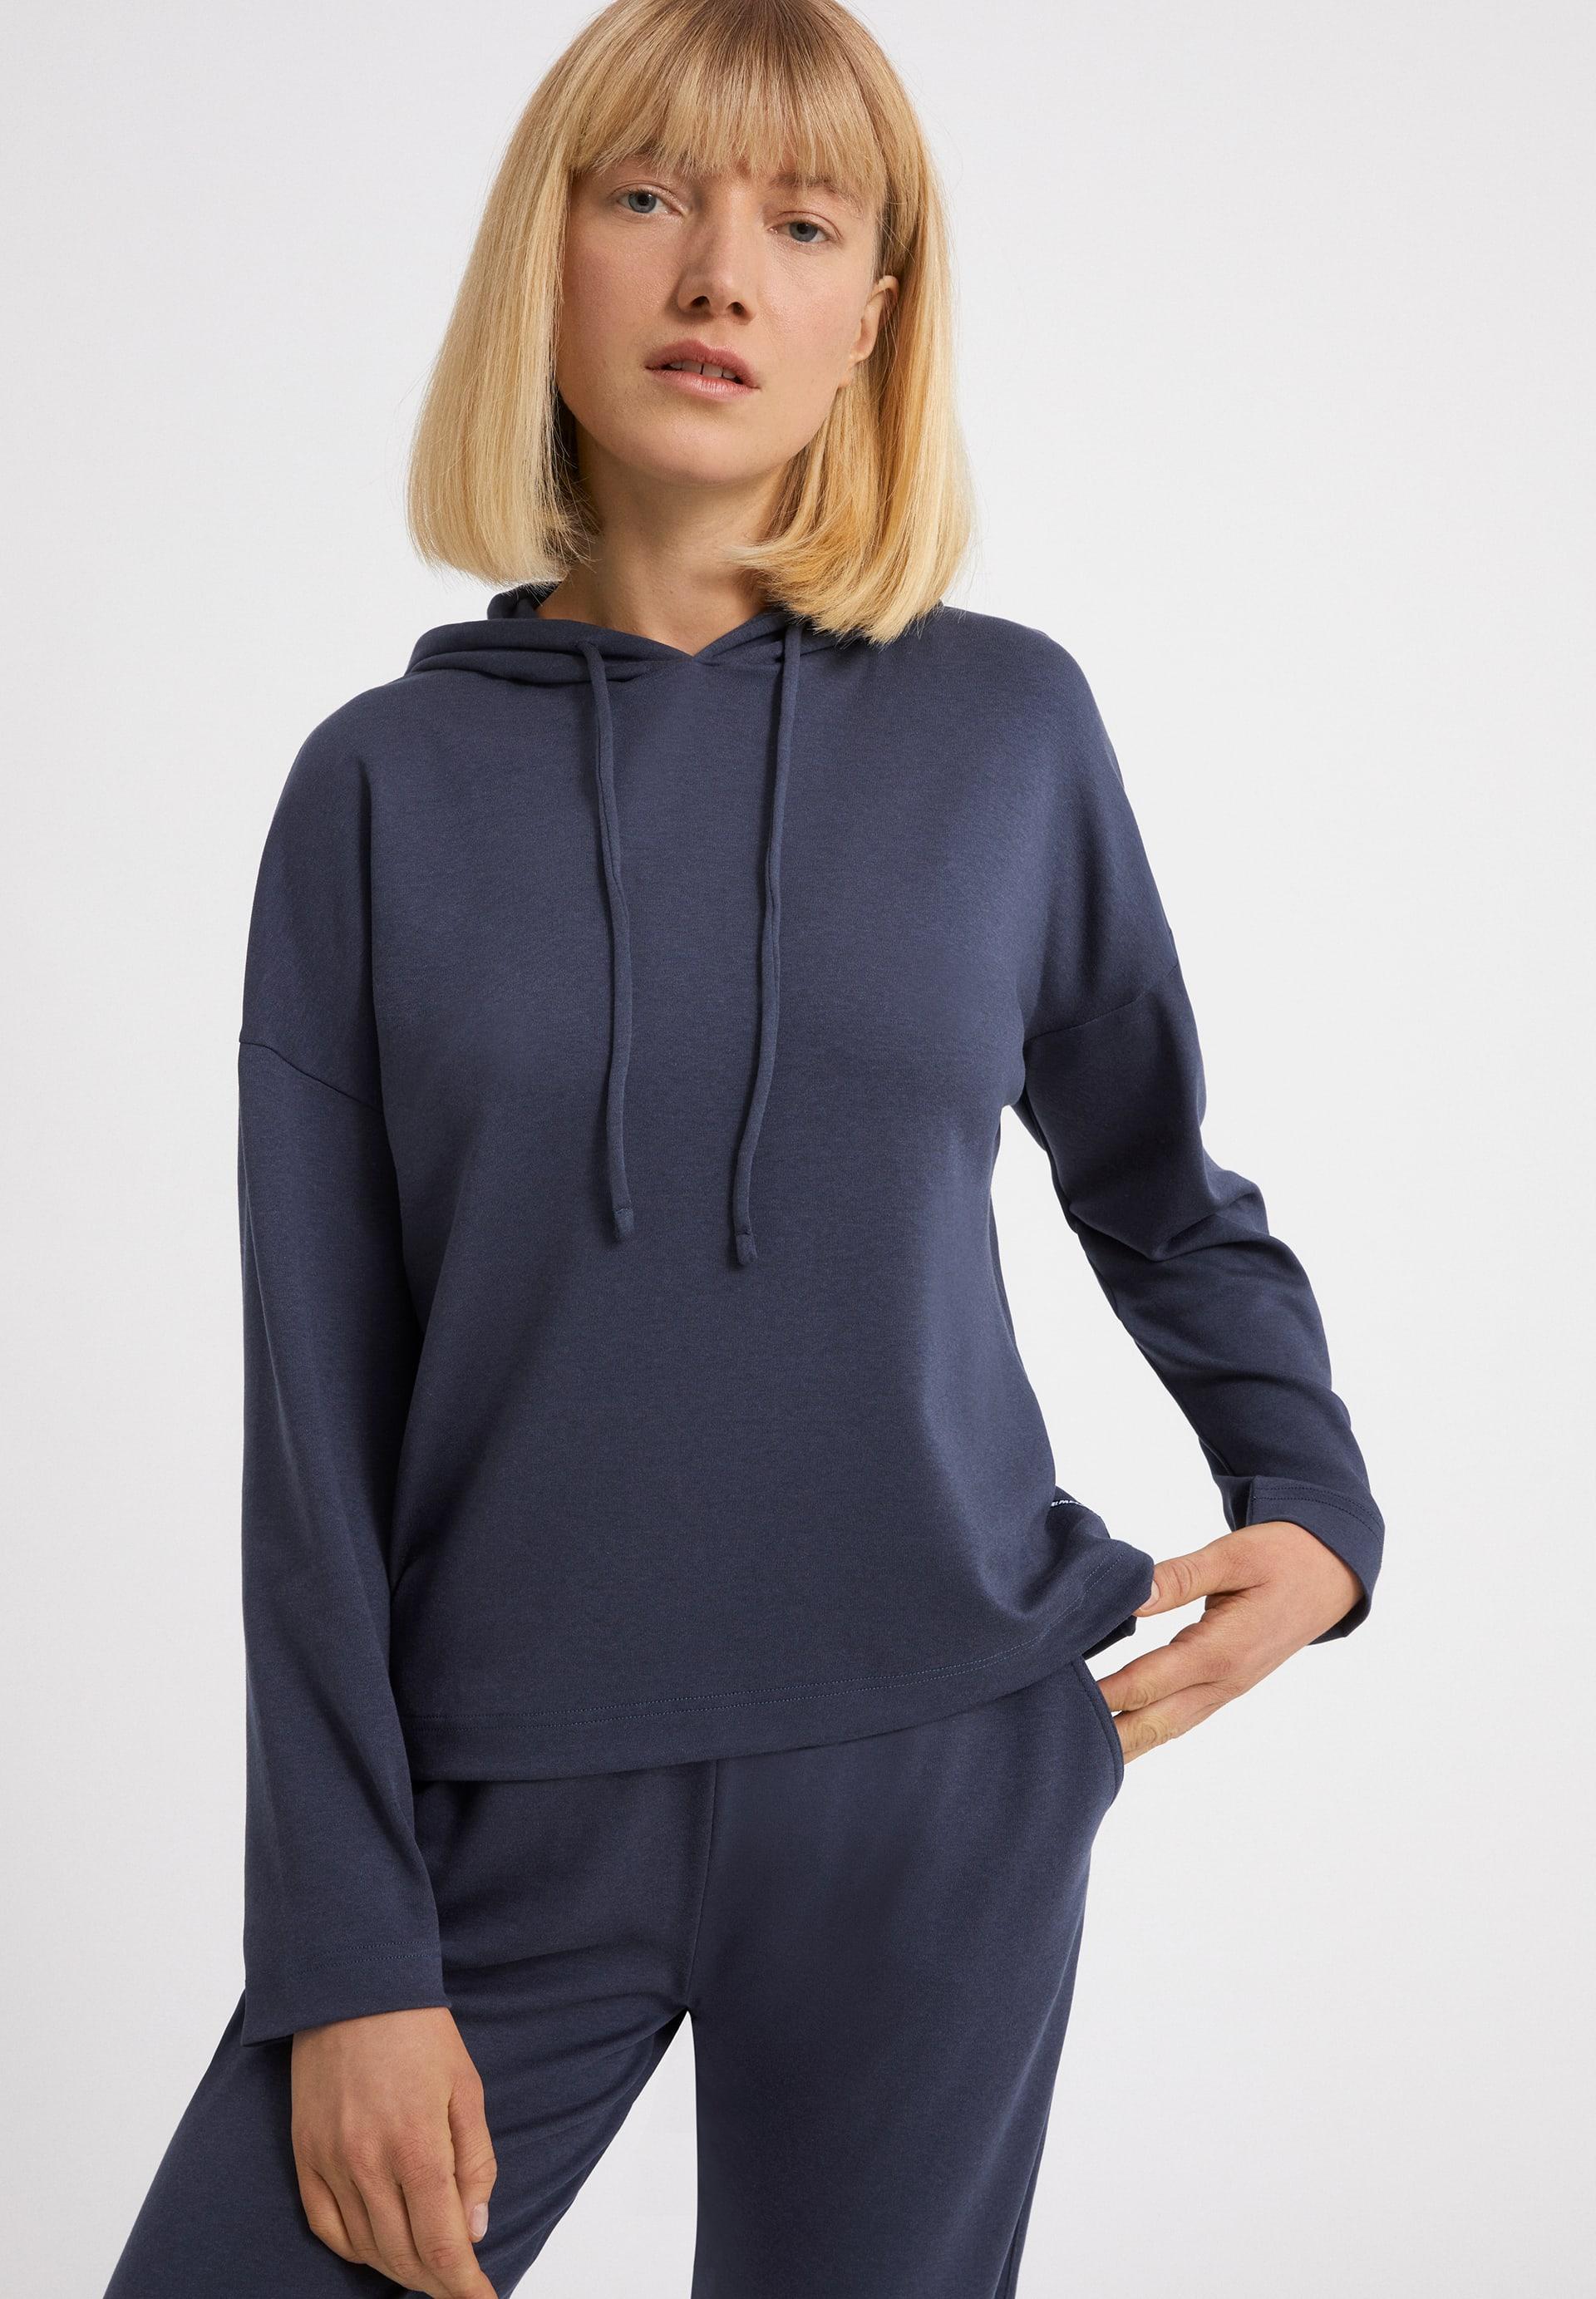 NAVAA Sweatshirt made of TENCEL™ Lyocell Mix